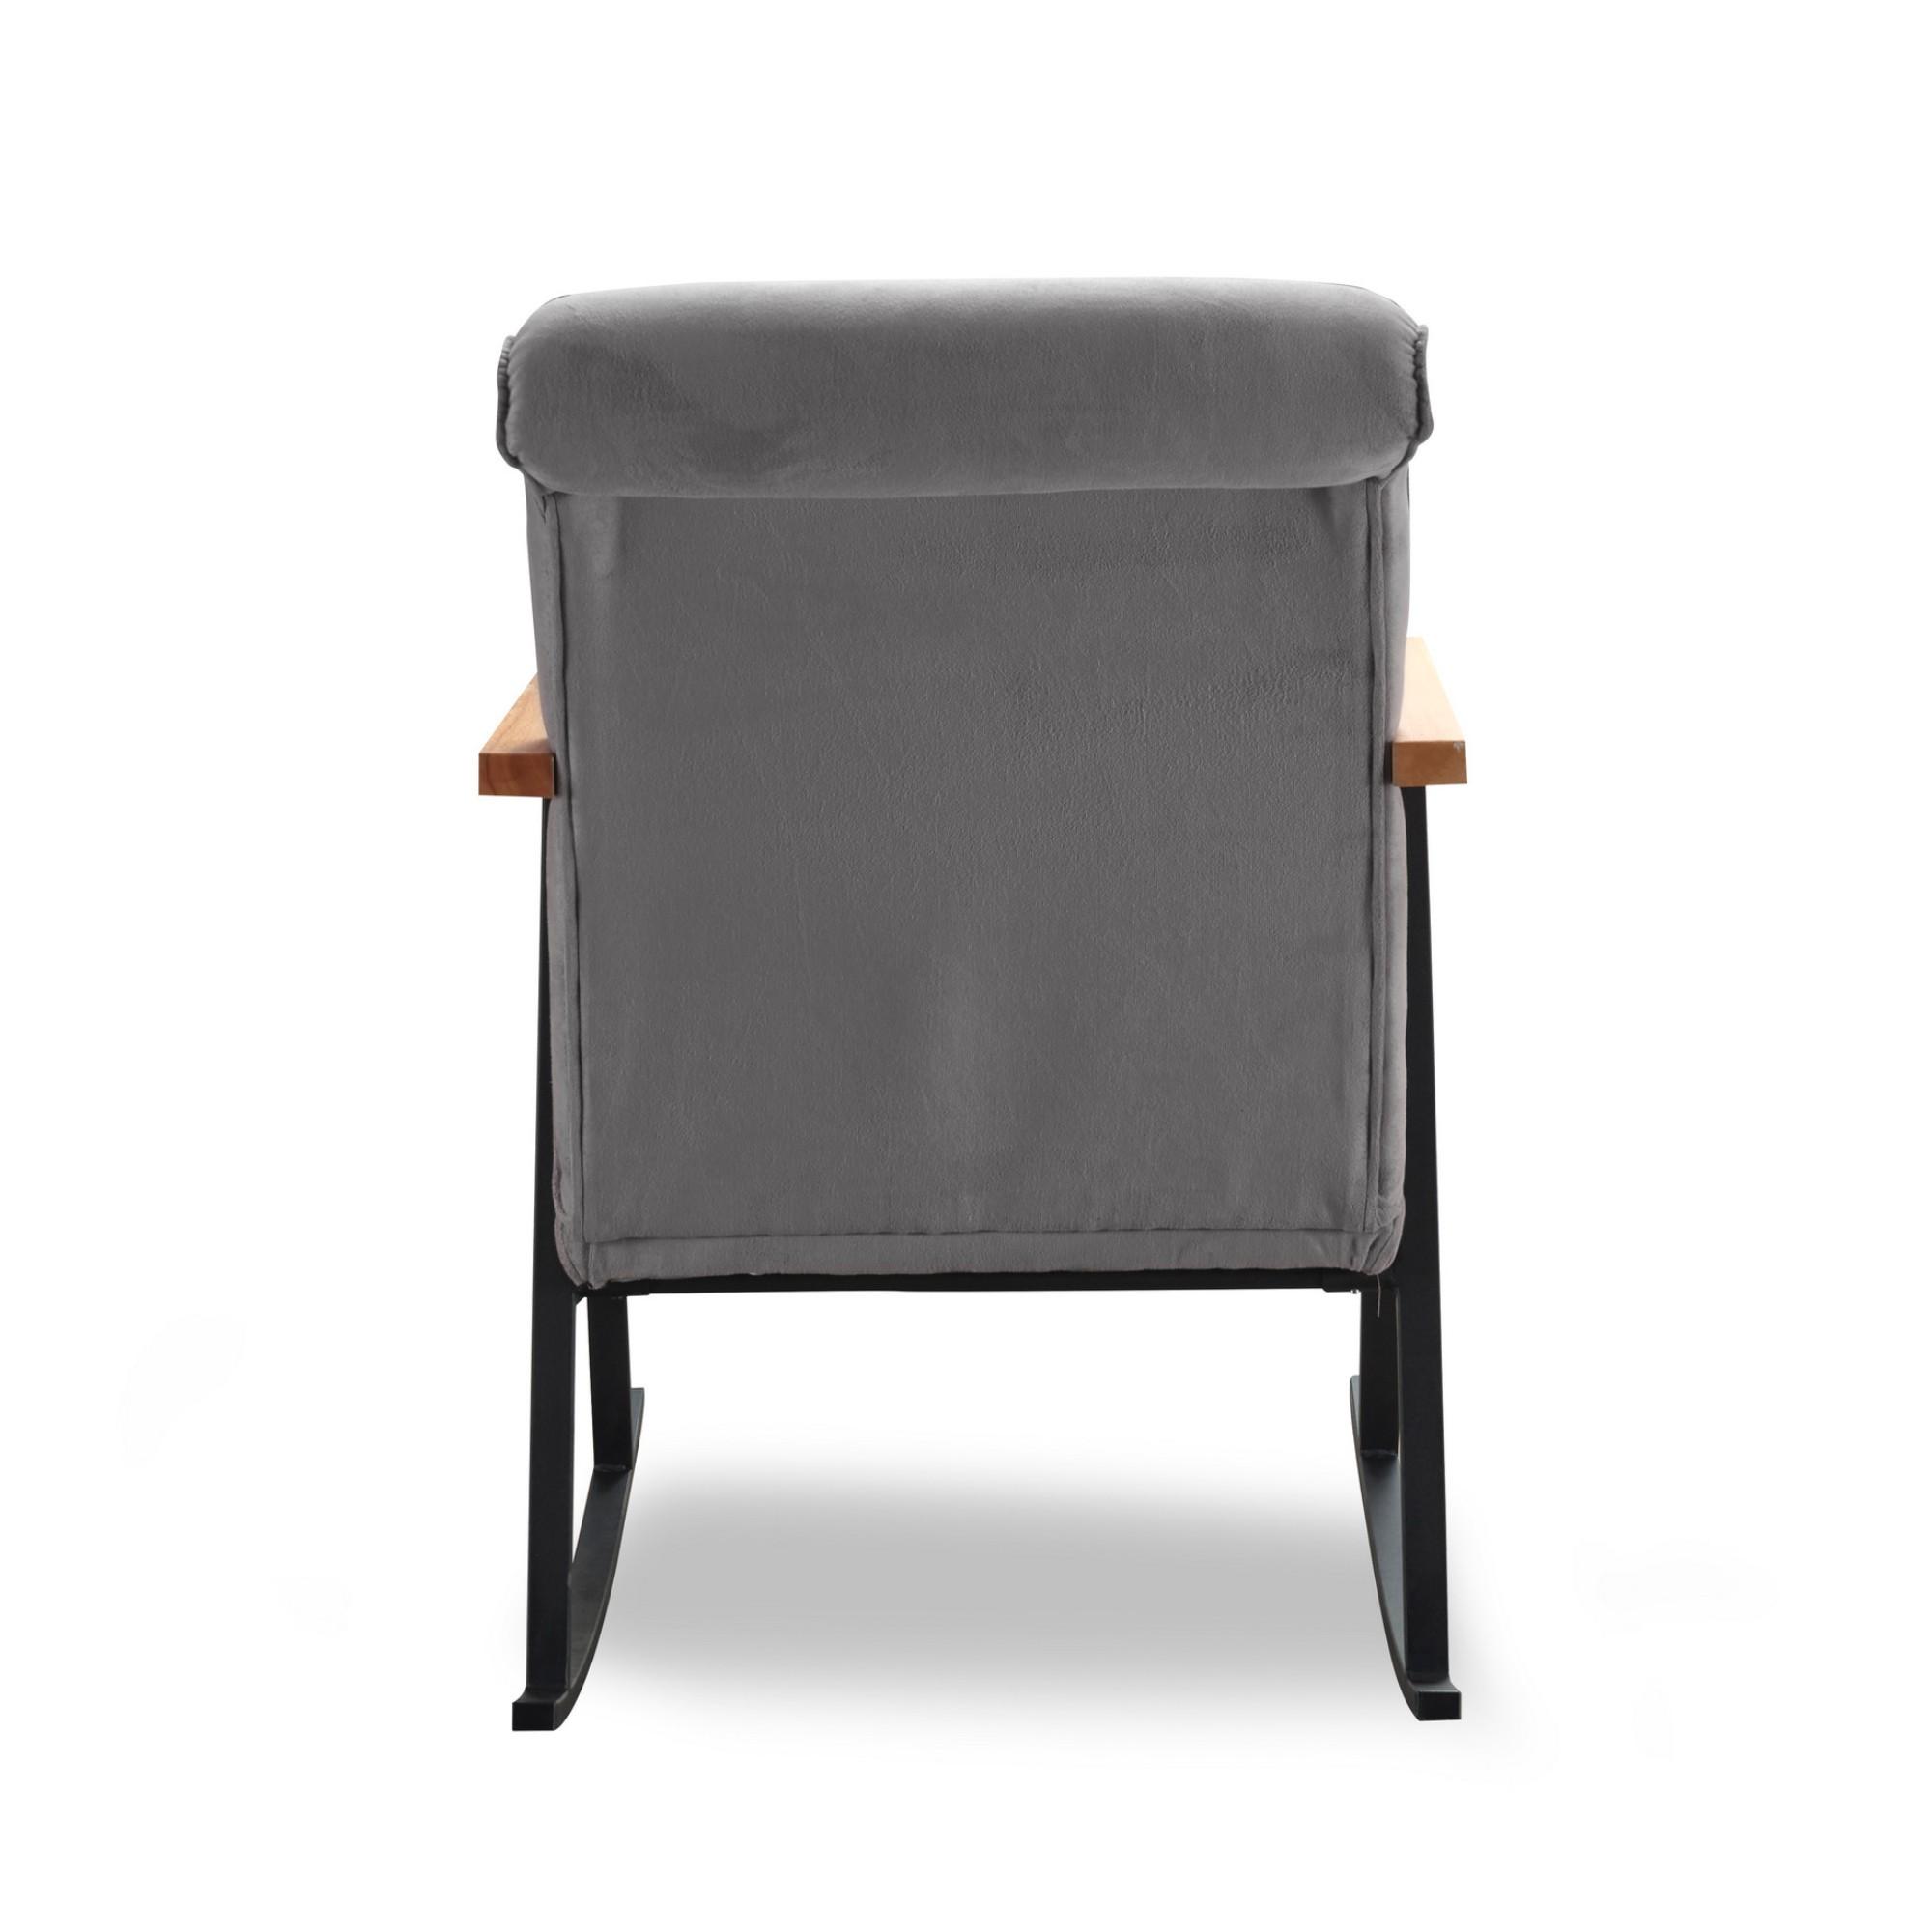 Sconto Křeslo YOKA šedá Klasika obýváků i ložnic po několik generací v moderním kabátu, takové je houpací křeslo YOKA.